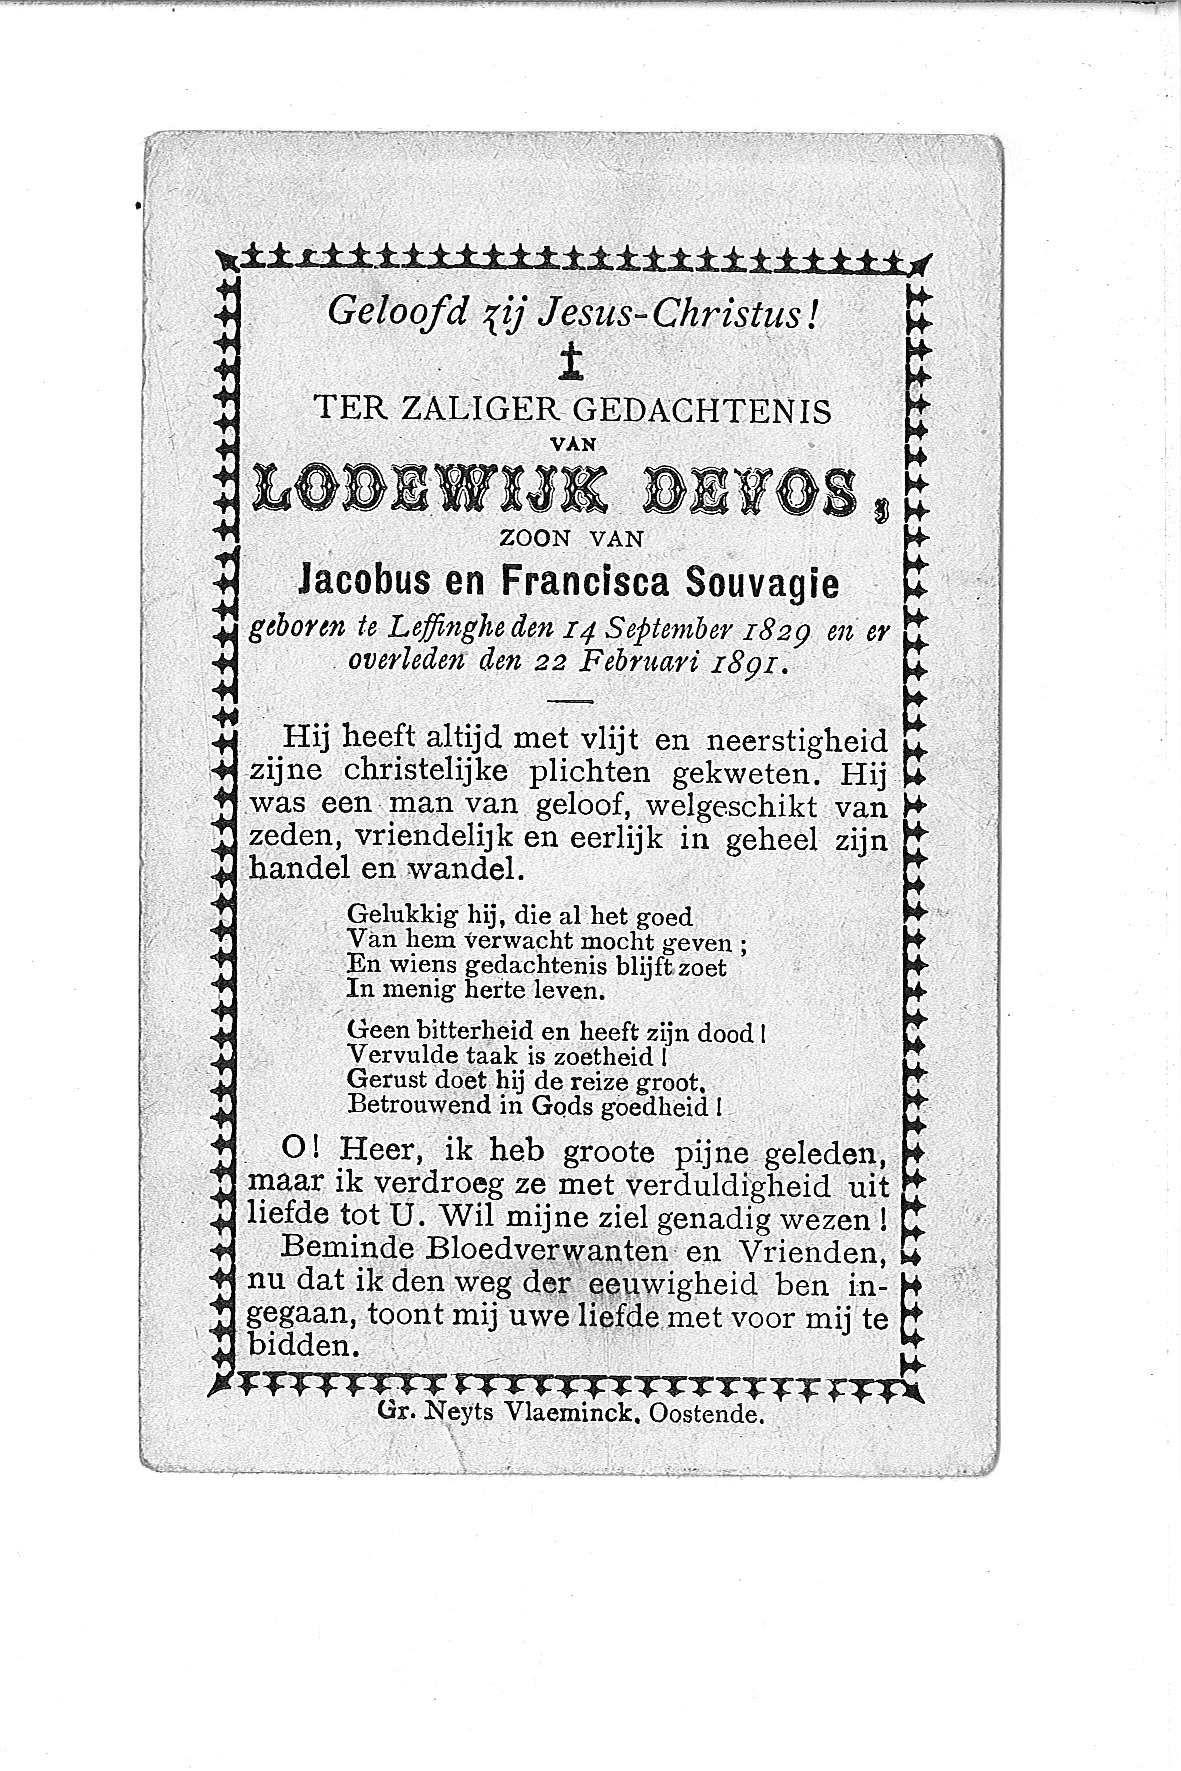 Lodewijk (1891) 20120312102926_00004.jpg